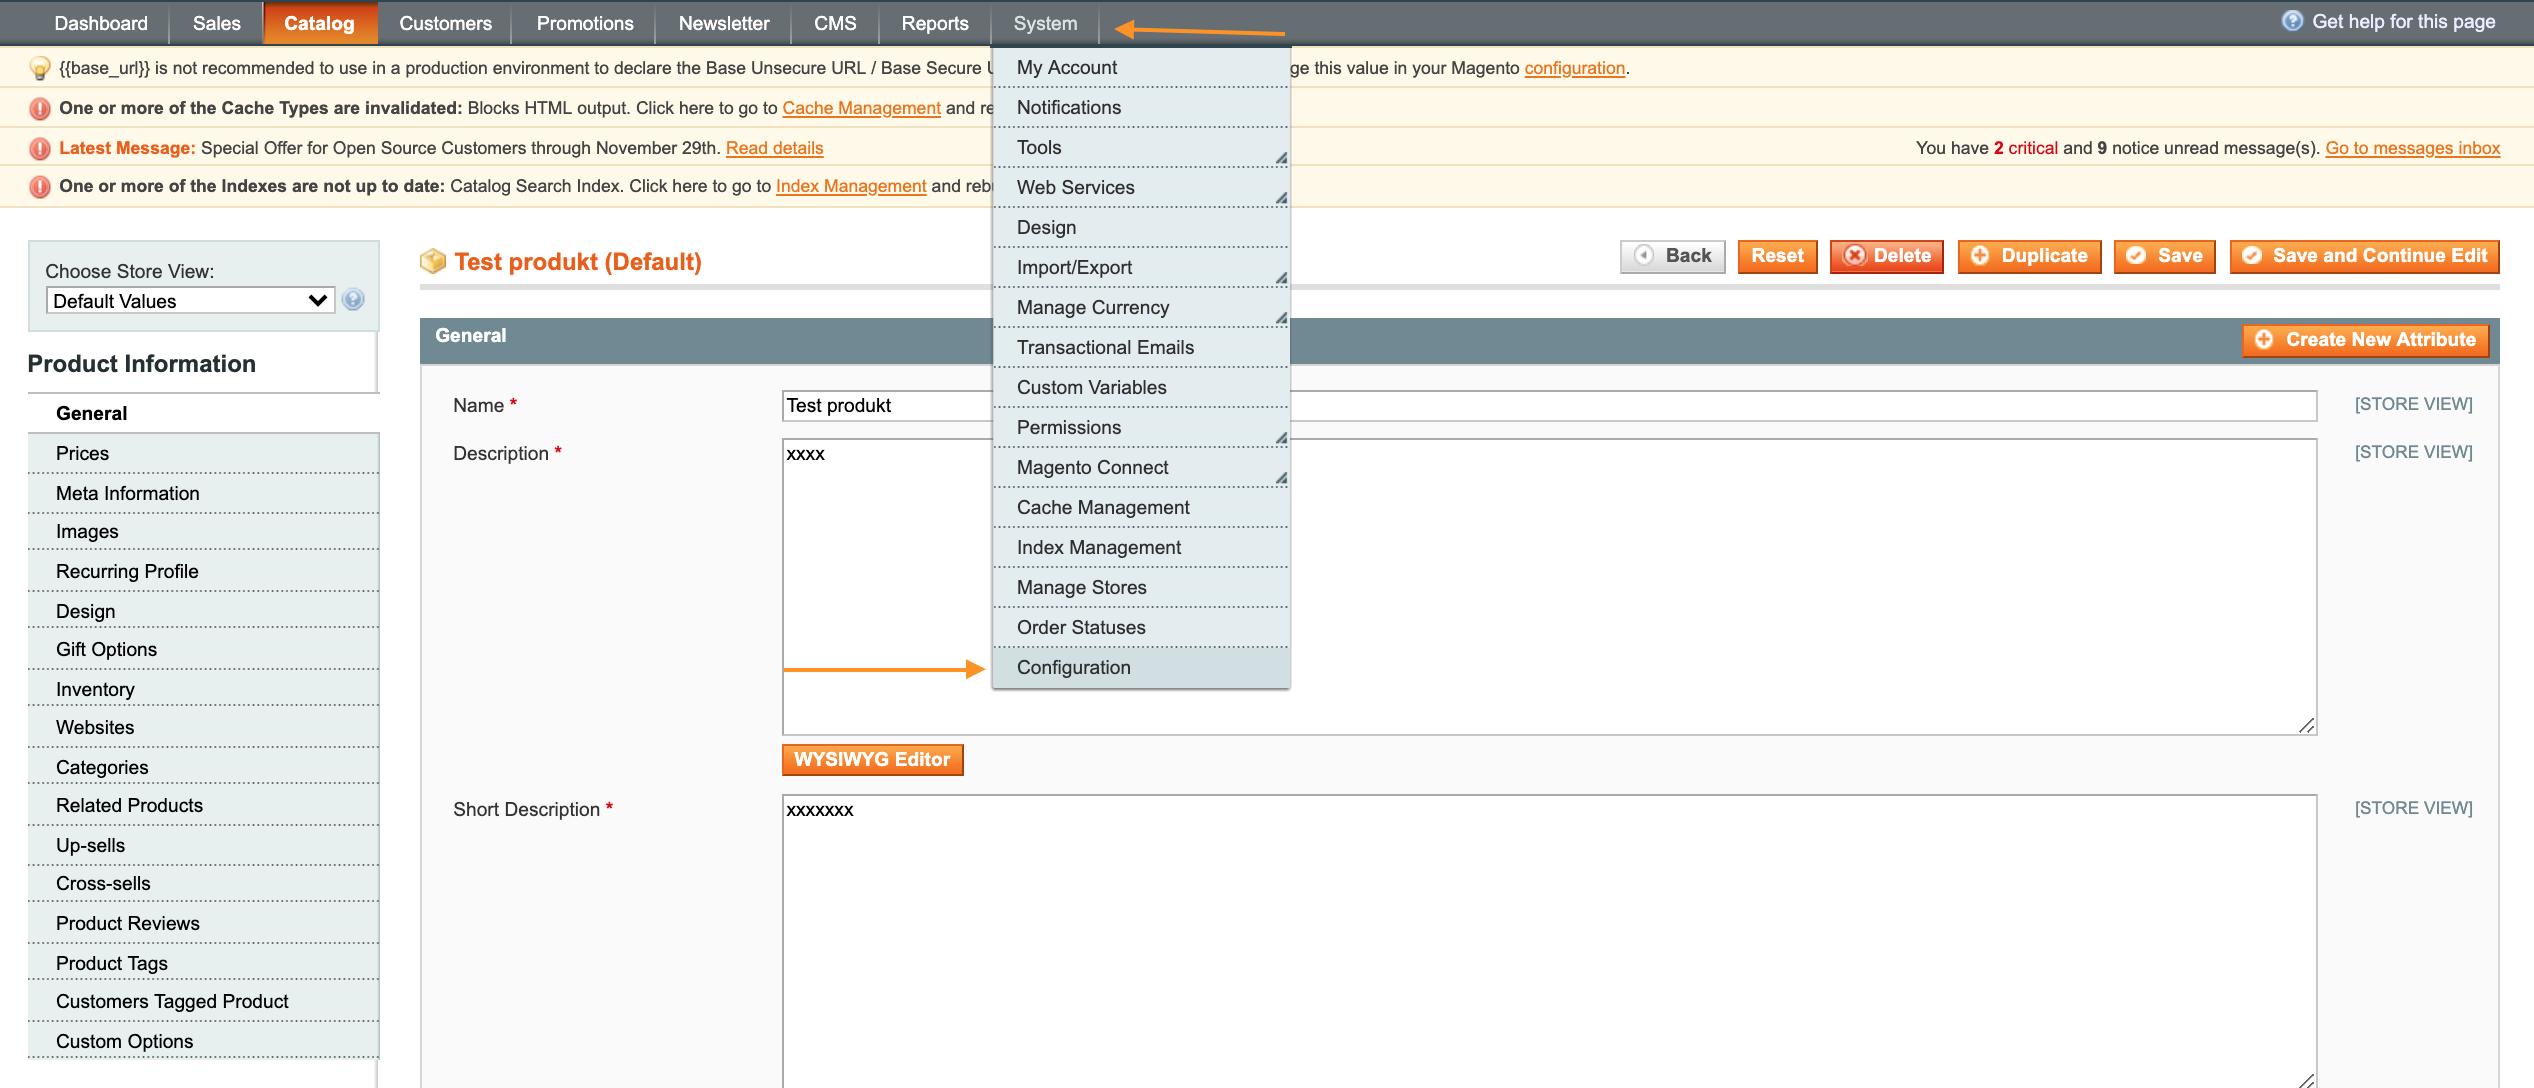 Hvordan indtaster du produkt attributter i Magento